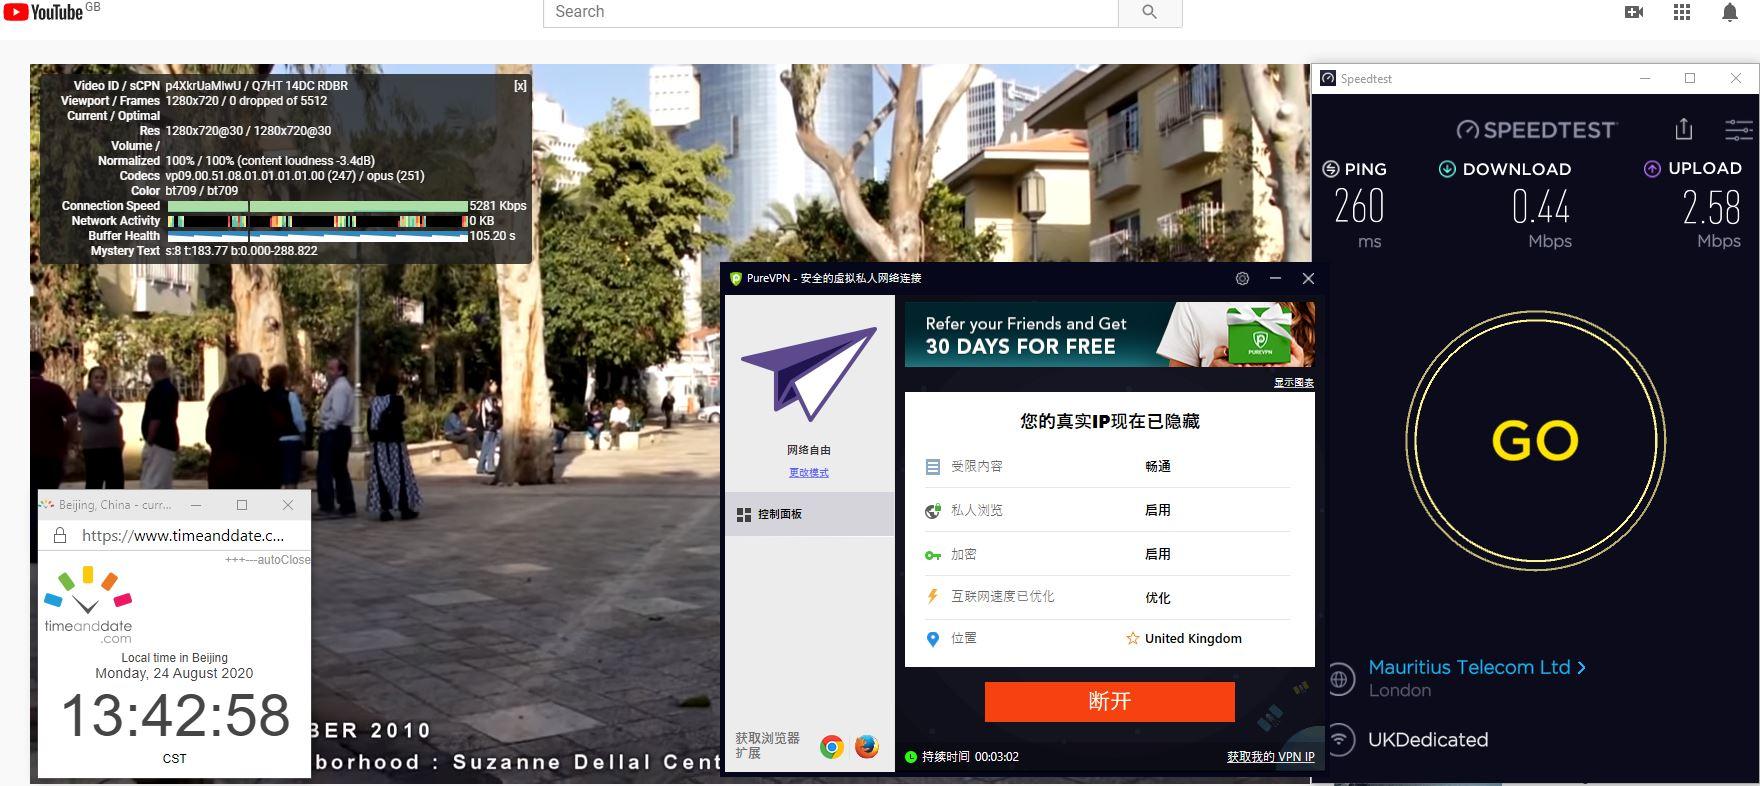 Windows10 PureVPN 自由网络 UK 中国VPN 翻墙 科学上网 翻墙速度测试 SpeedTest - 20200824